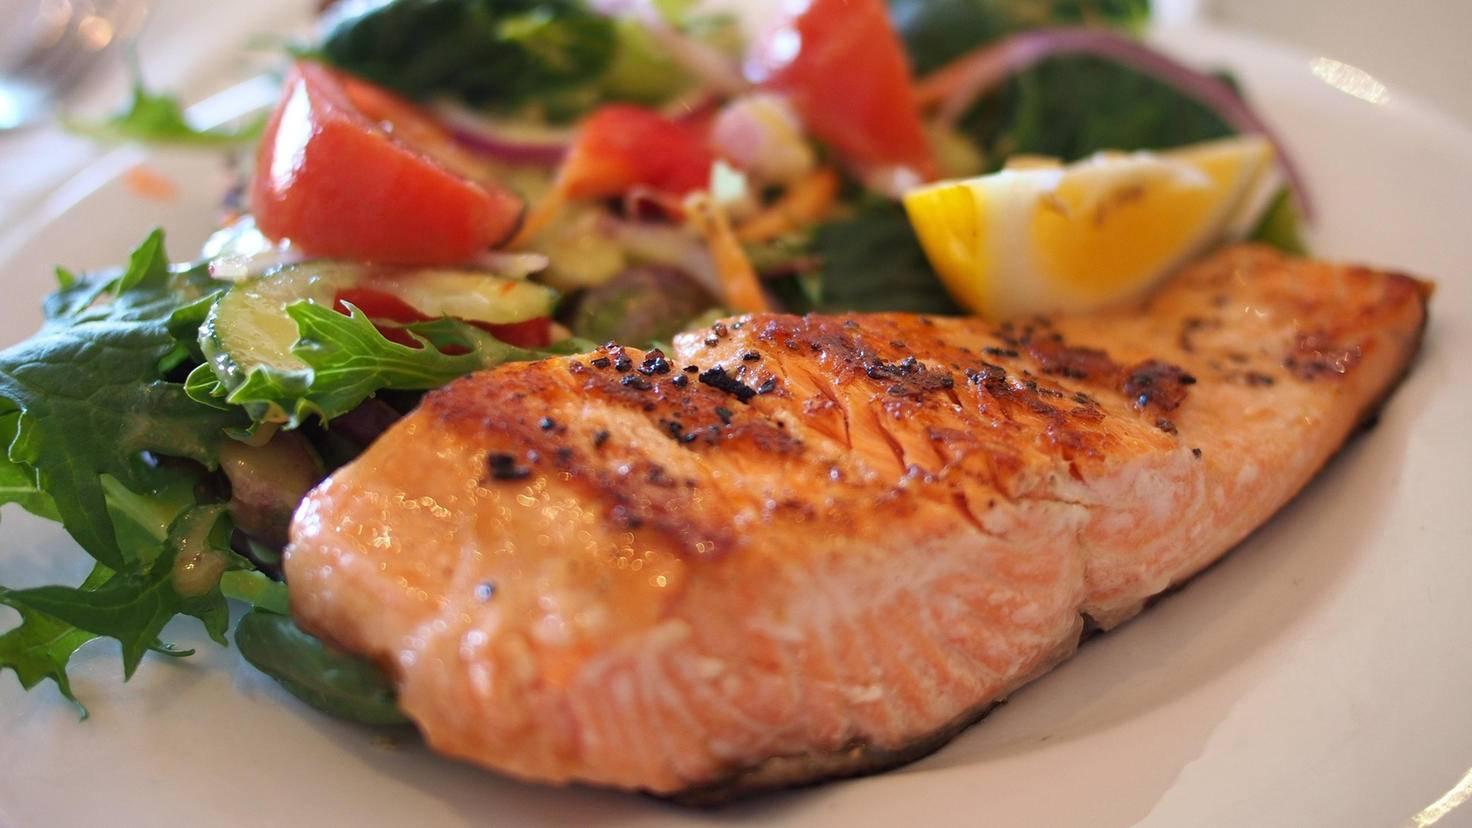 Mit Fleisch und Gemüse sind Abnehmwillige auf der sicheren Seite.